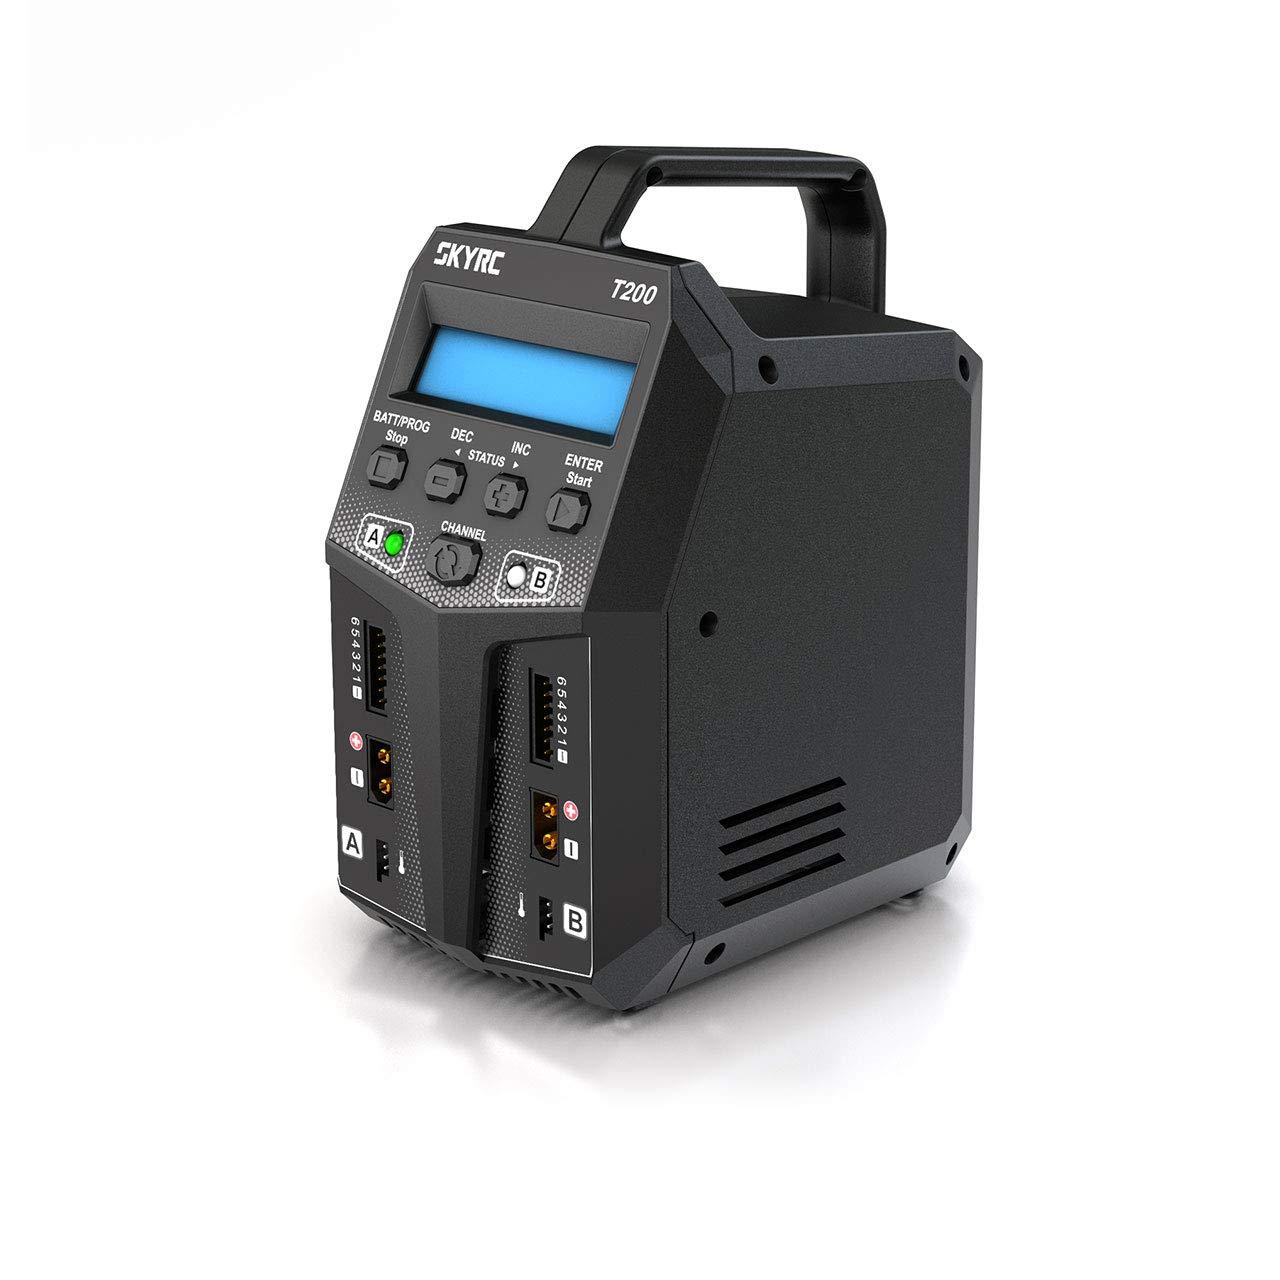 Venta en línea precio bajo descuento SKY SKY SKY RC T200 AC DC 12A Cochegador y desCochegador de Doble Equilibrio  Ahorre 60% de descuento y envío rápido a todo el mundo.